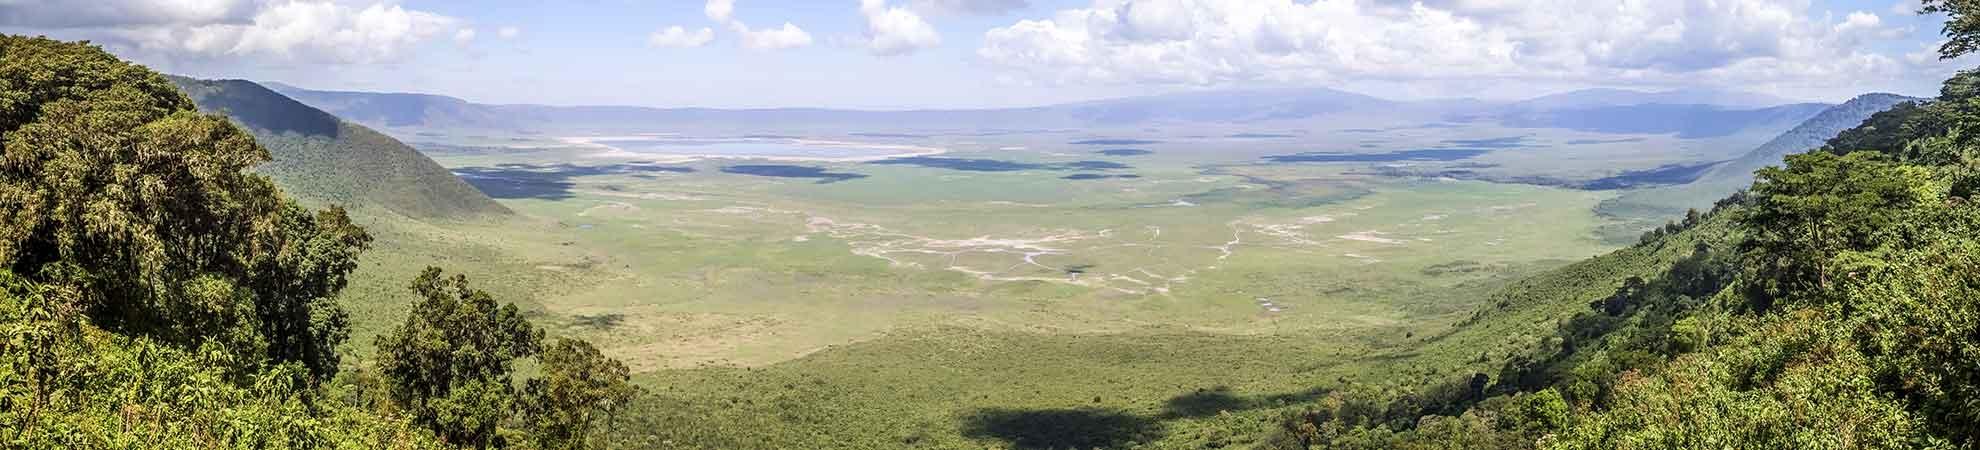 Voyage Cratère du Ngorongoro